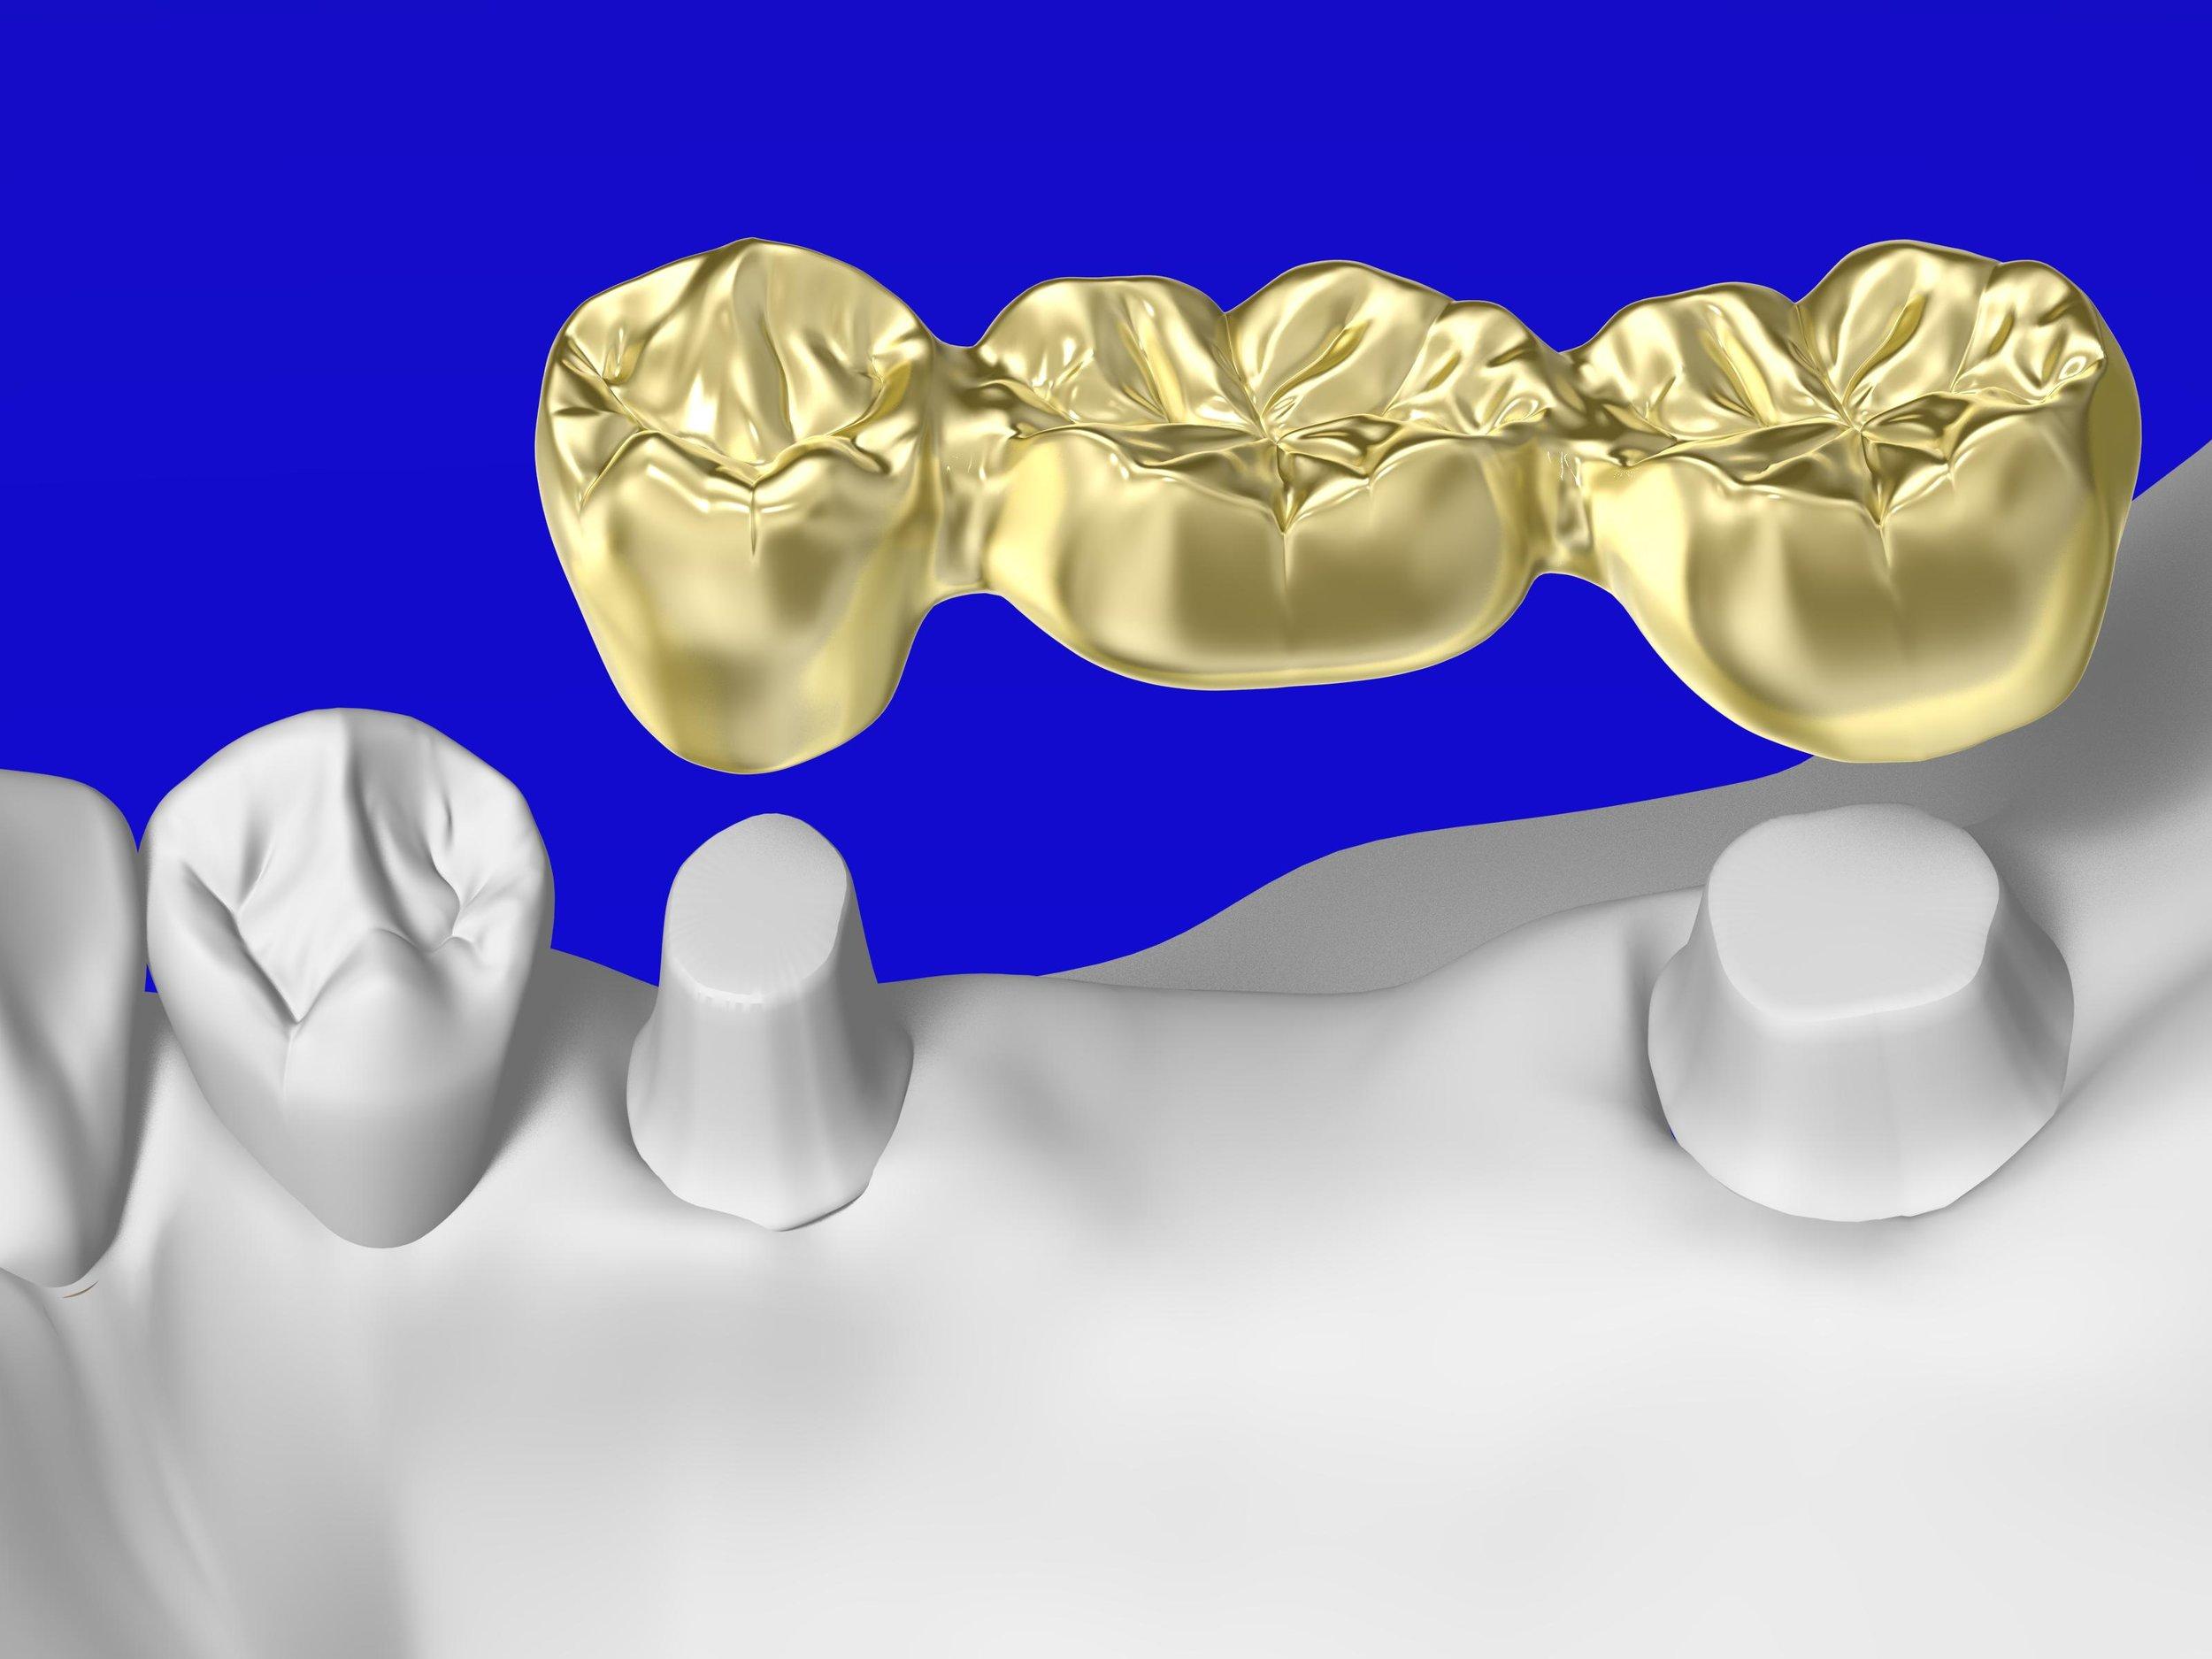 Bridges Banyo Dental